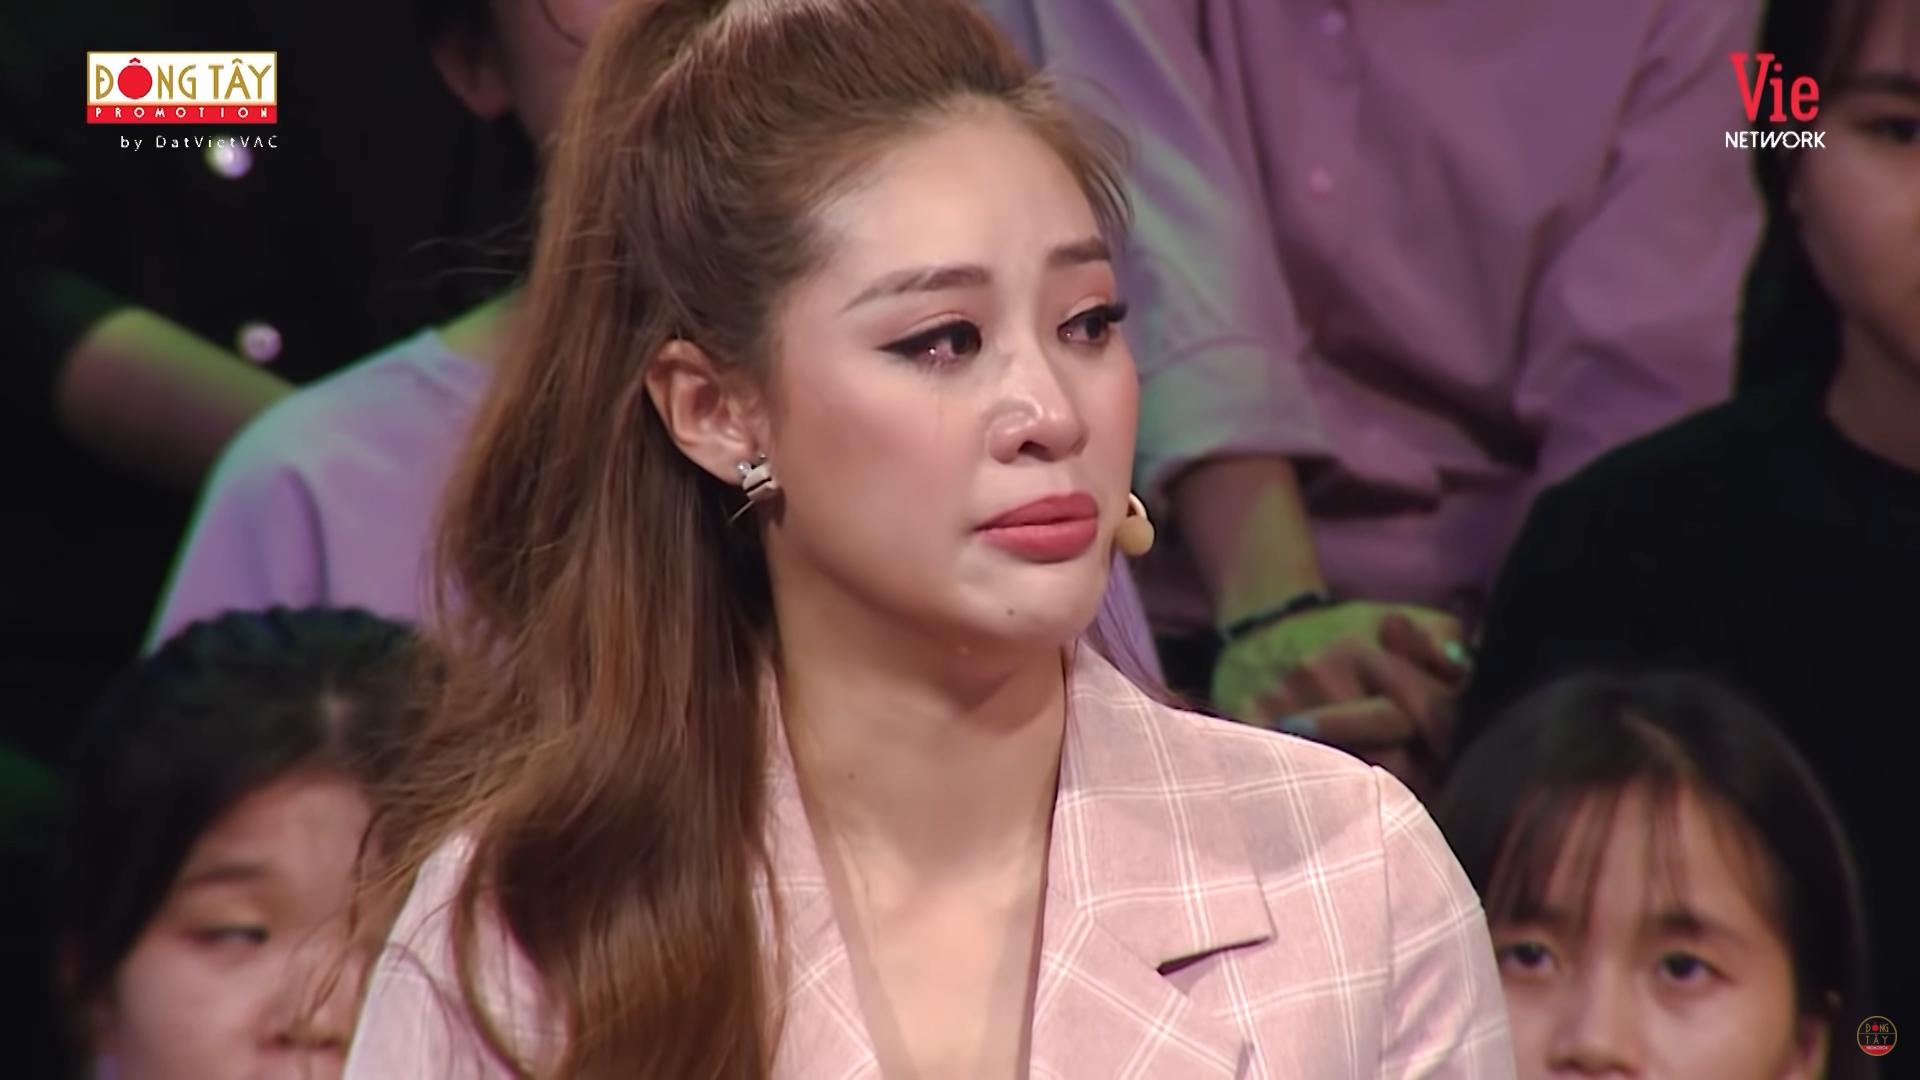 Hoa hậu Khánh Vân bật khóc: Ba tôi phải bươn chải, kiếm từng đồng một-3